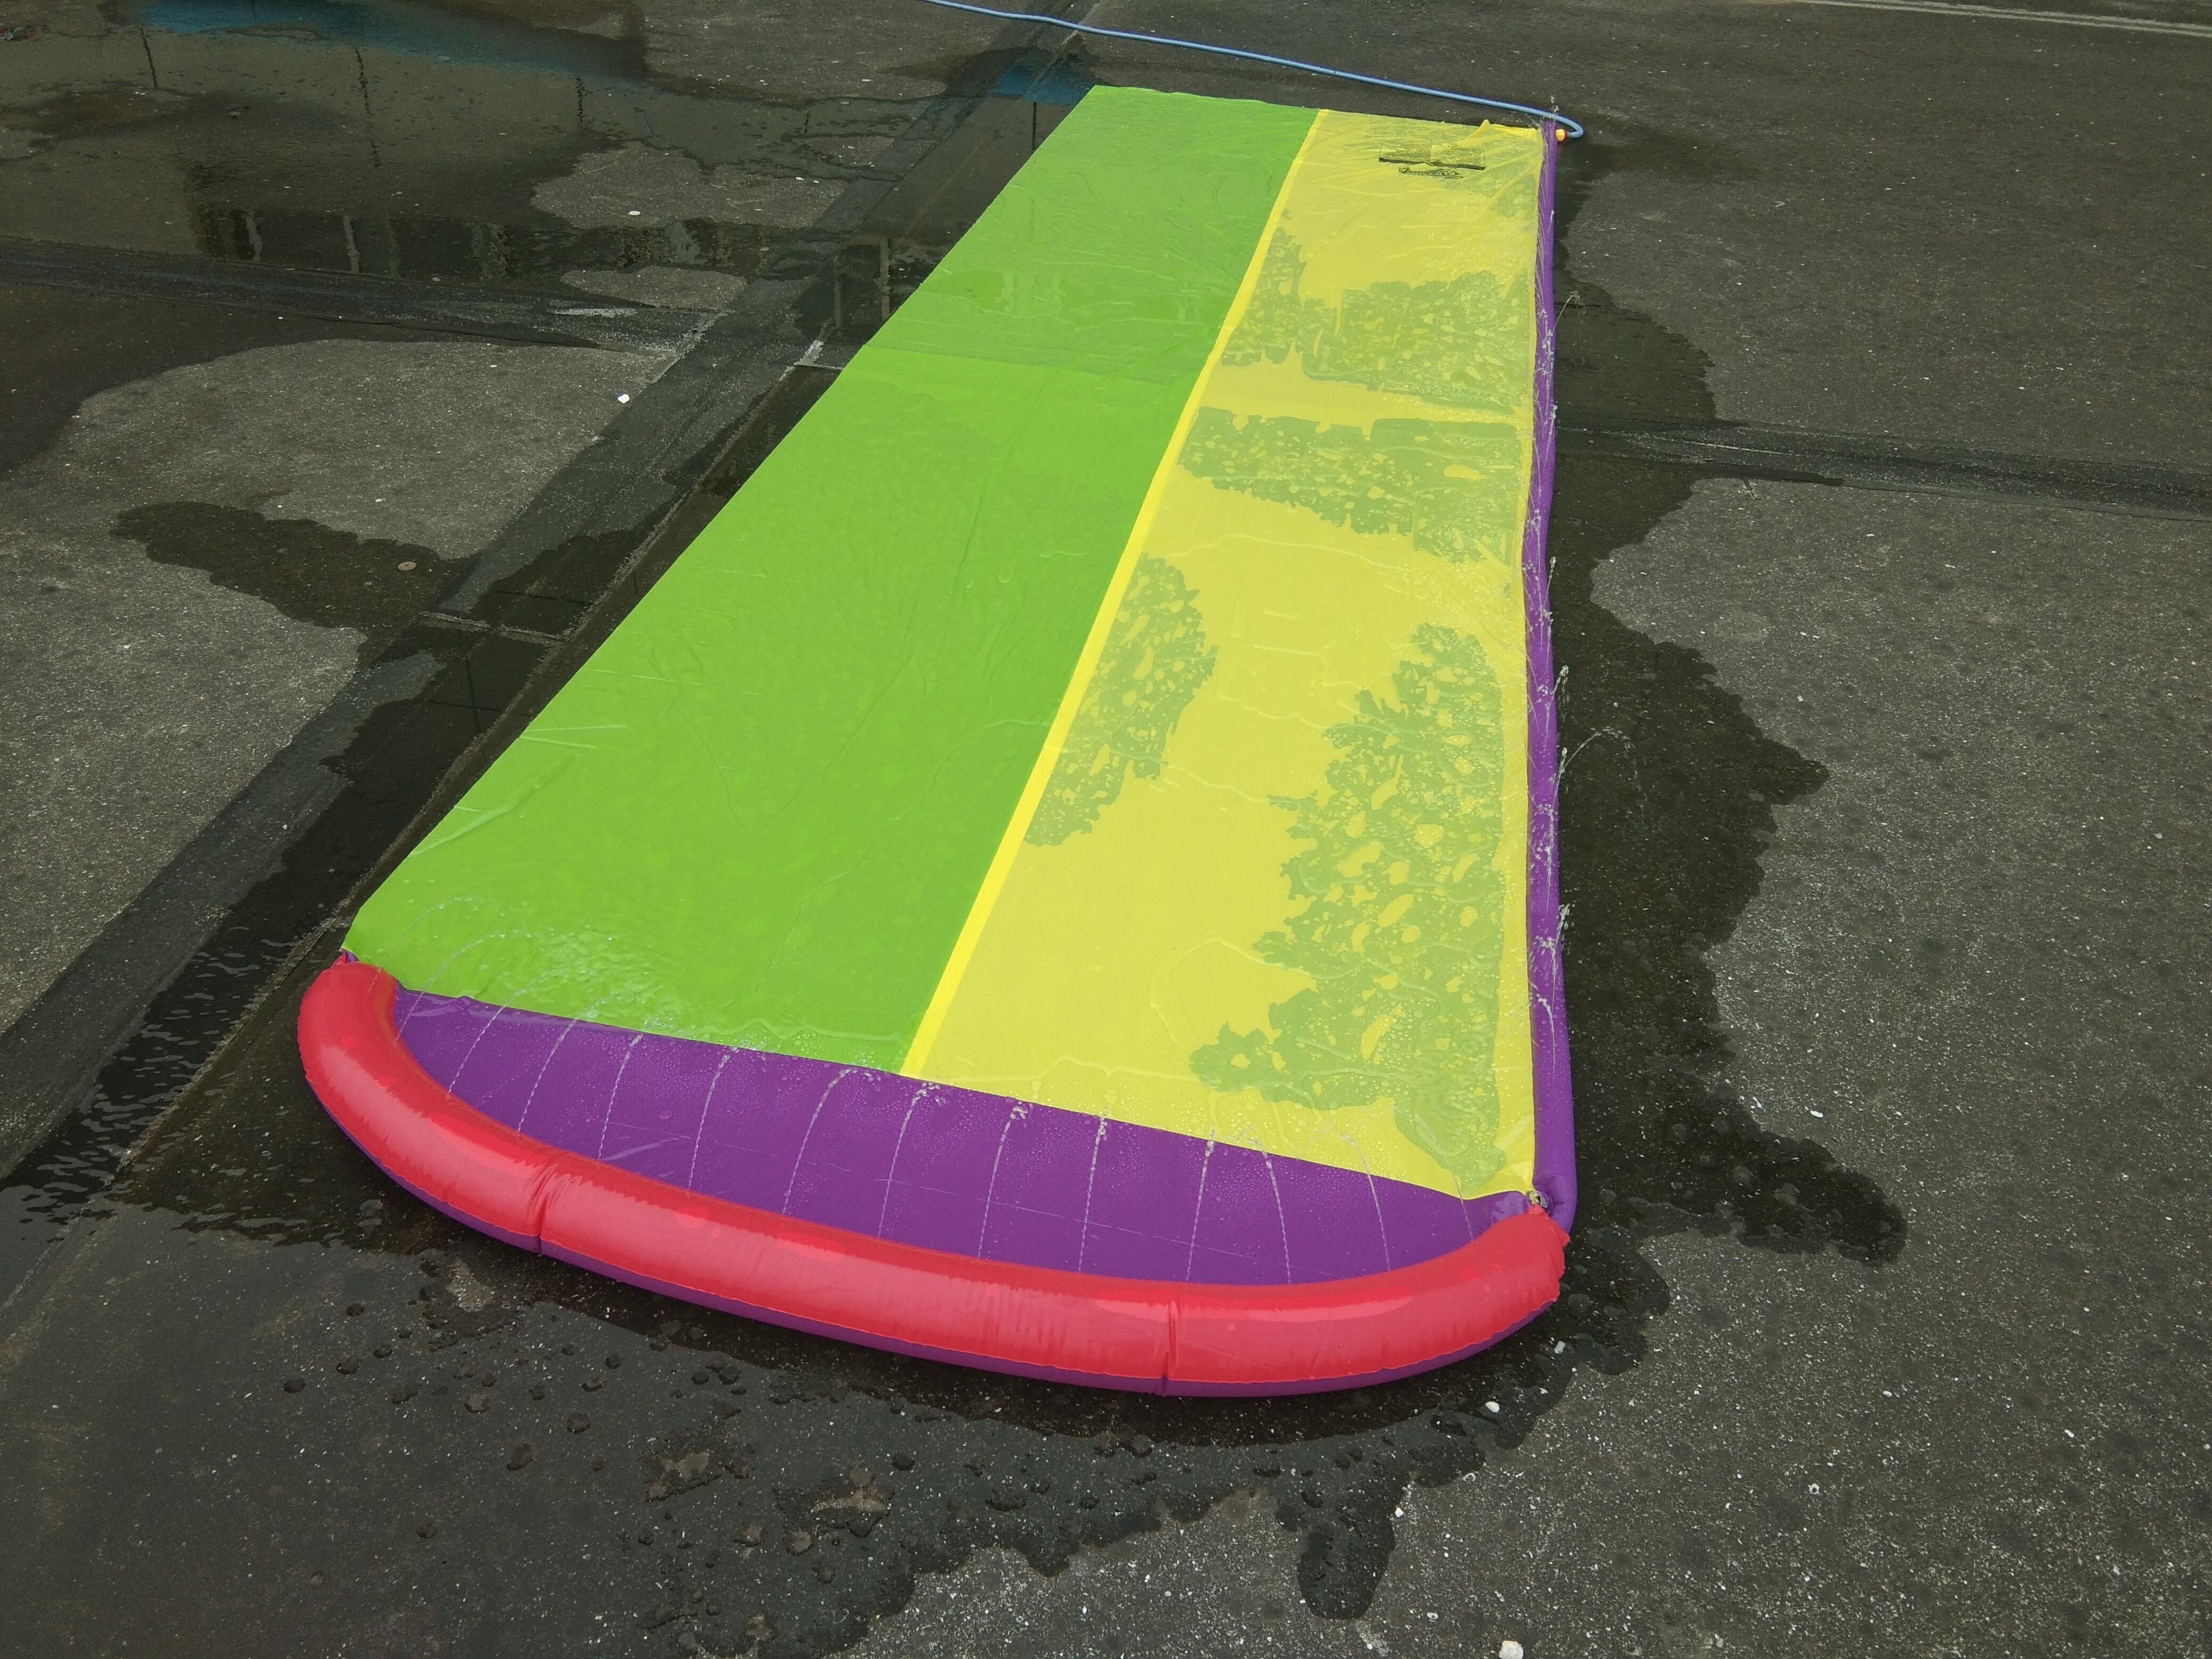 4.8 m géant Surf 'N Double toboggan aquatique pelouse toboggans pour enfants piscine d'été enfants jeux amusants jouets cour extérieure vague cavalier - 6